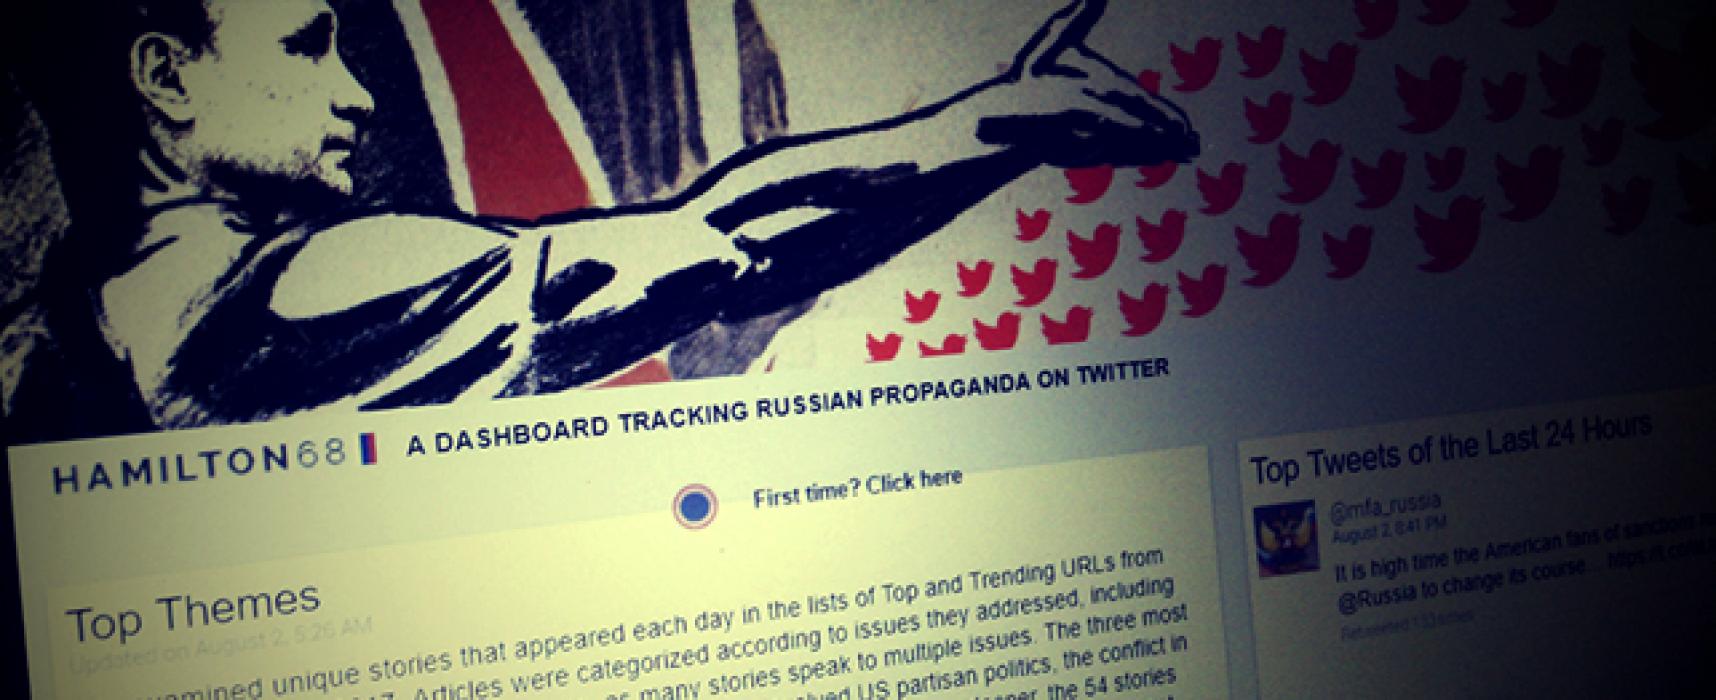 В США запустили платформу Hamilton 68 для мониторинга российской пропаганды в Twitter